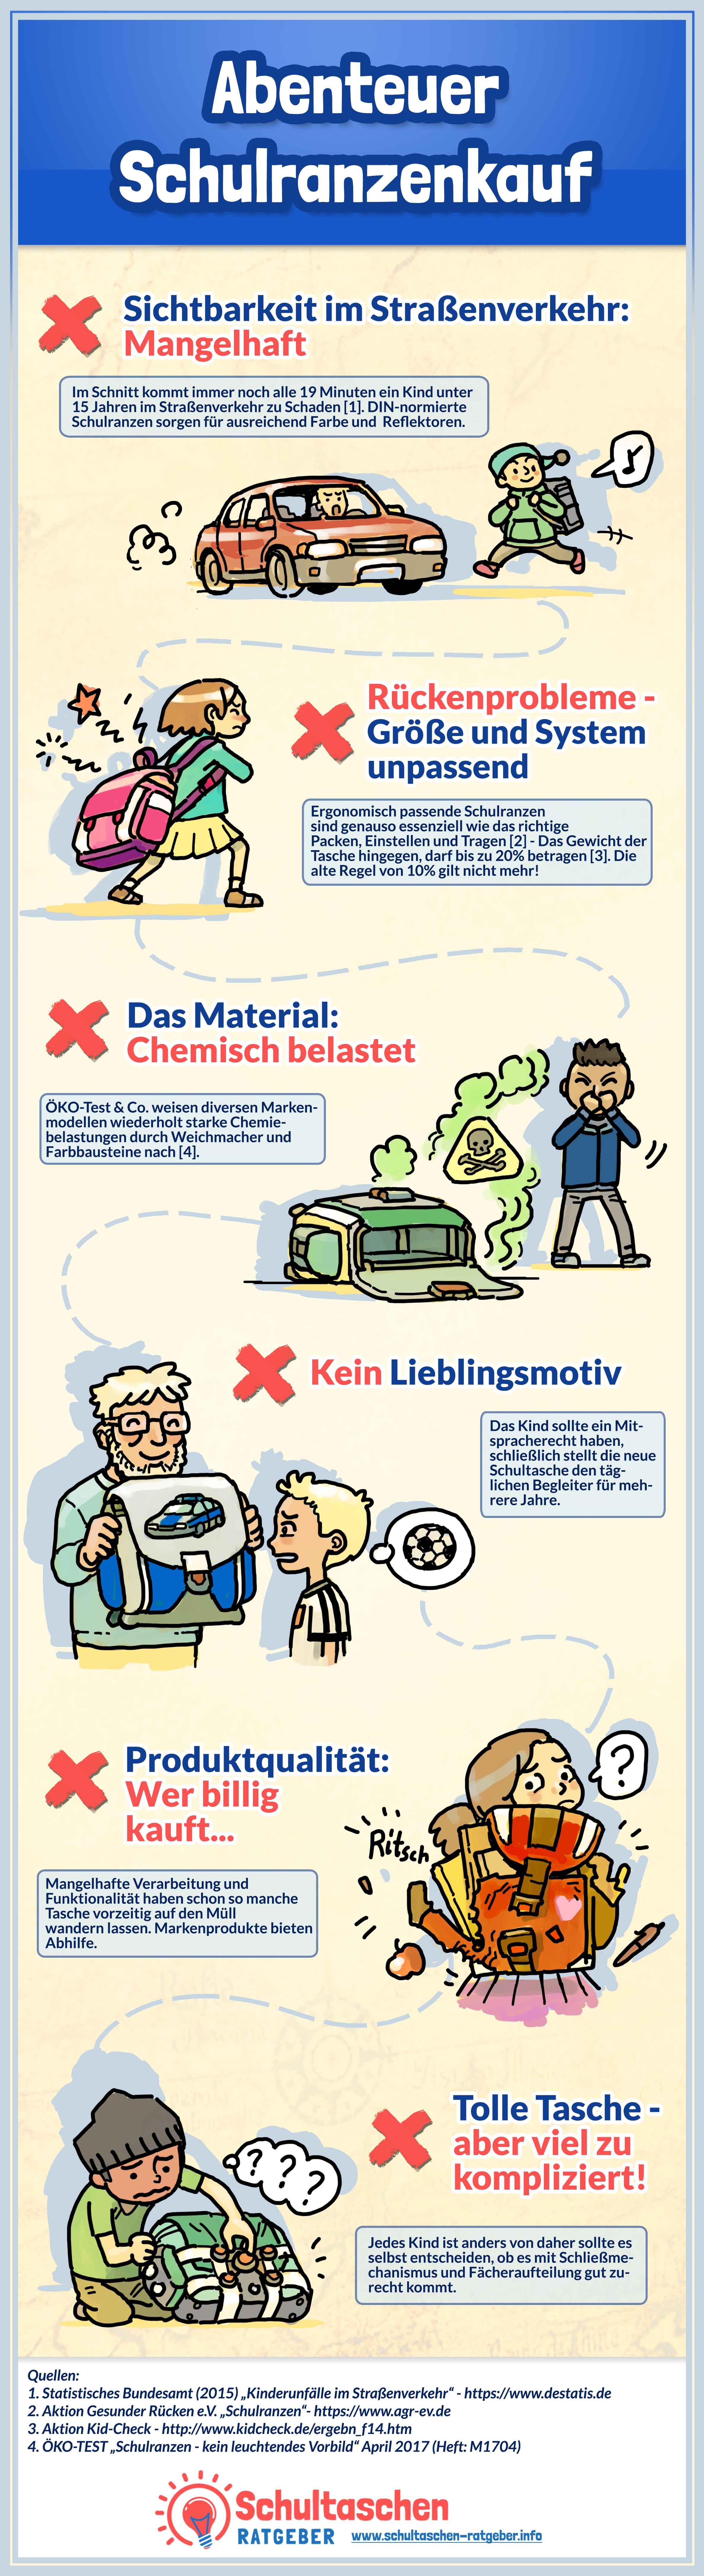 Infografik Abenteuer Schulranzenkauf